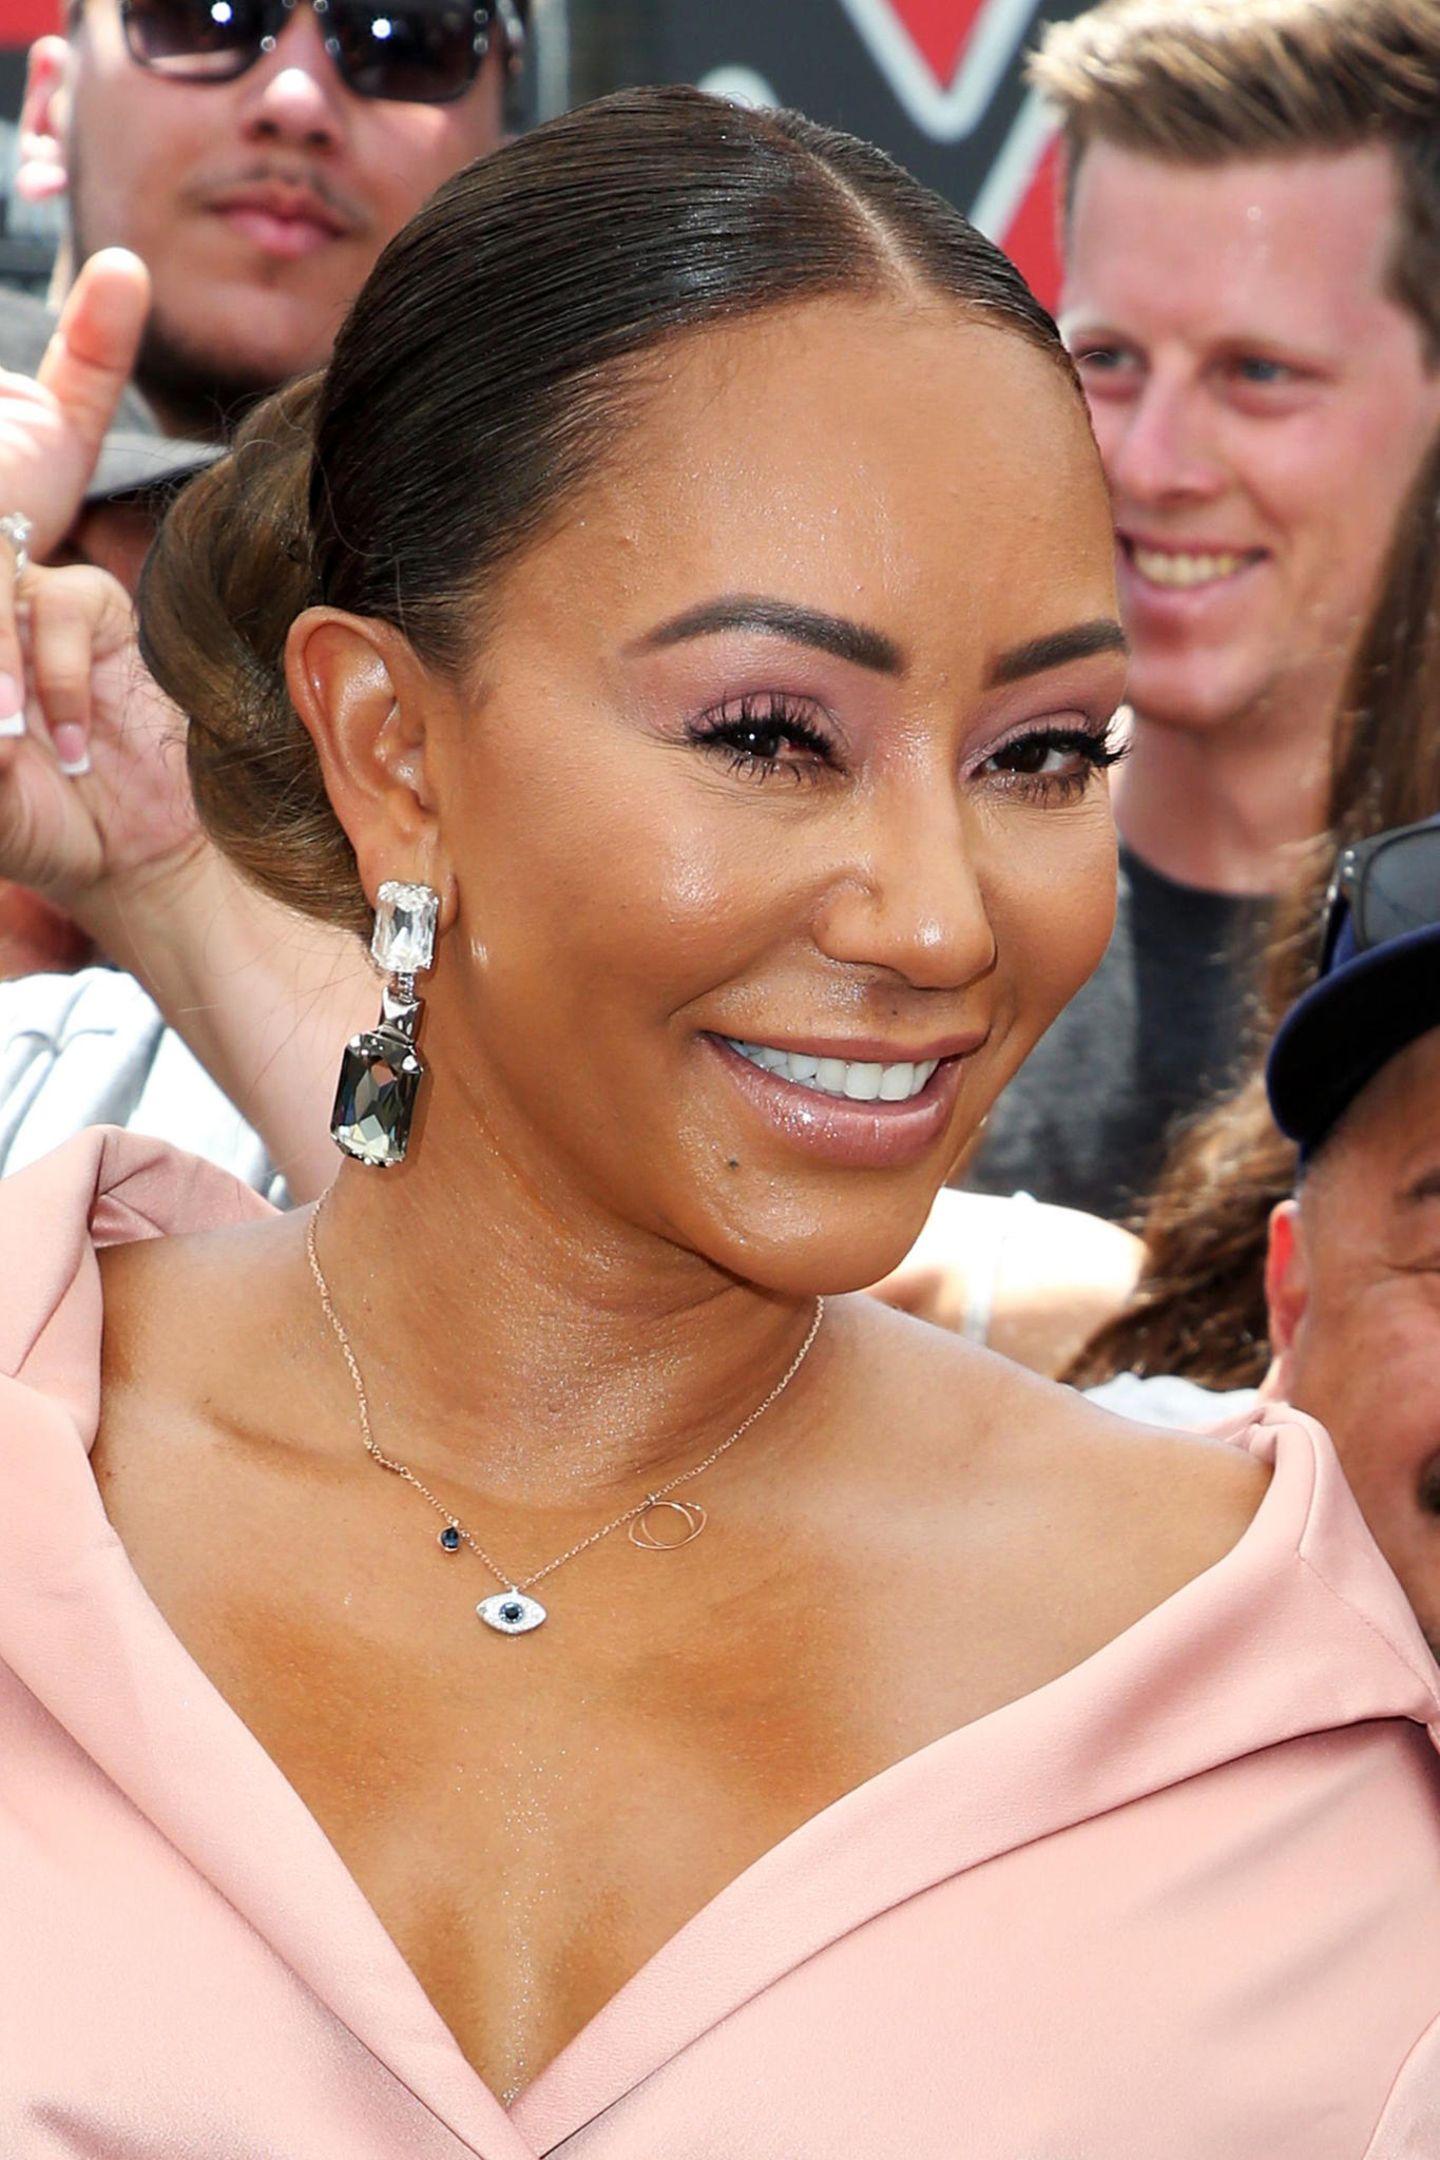 """Bei der Verleihung von Simon Cowells Stern auf dem """"Walk of Fame"""" zeigt sich Mel B glatt wie ein Ballon. Jetzt, da das Ex-Spice-Girl ihre Alkoholsucht gebeichtet und einen Besuch in einer Entzugsklinik angekündigt hatte, sollte sie vielleicht ebenfallsdarüber nachdenken, auf Botox zu verzichten."""